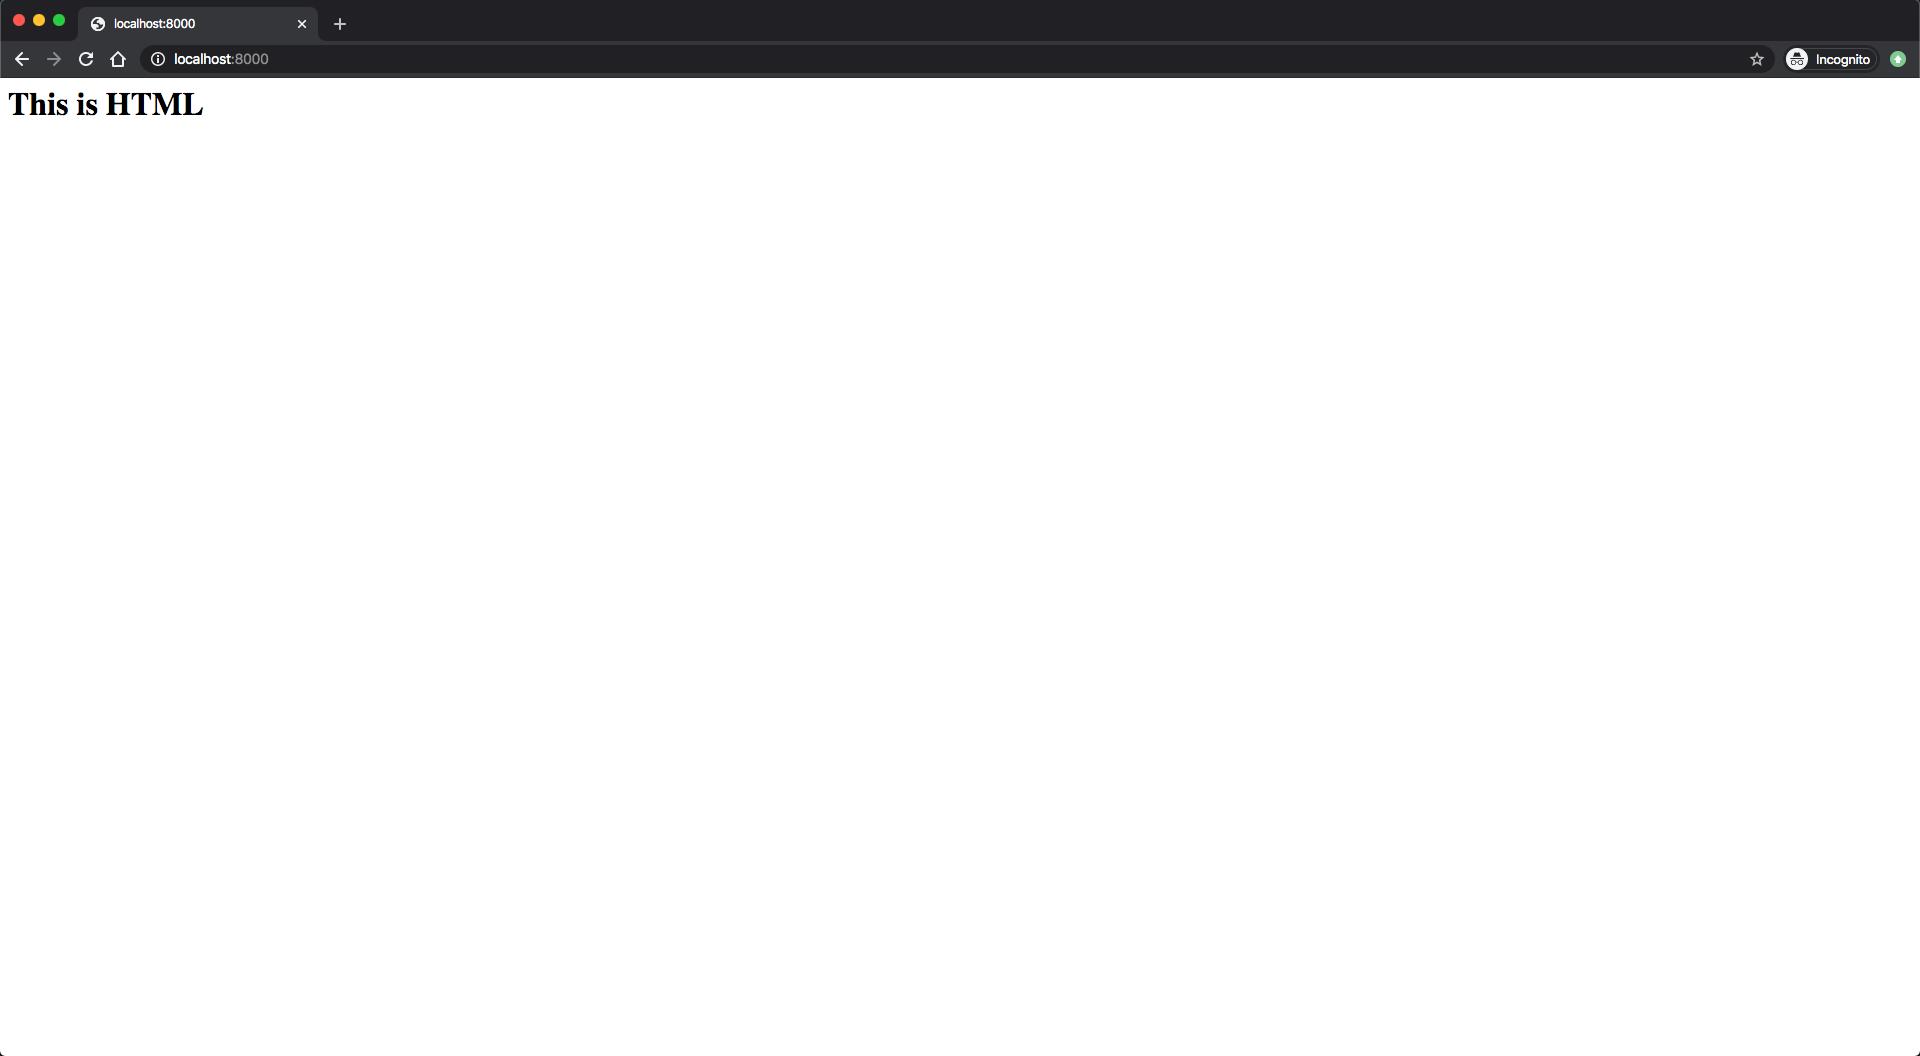 Bild der vom Node.js-Server zurückgegebenen HTML-Antwort